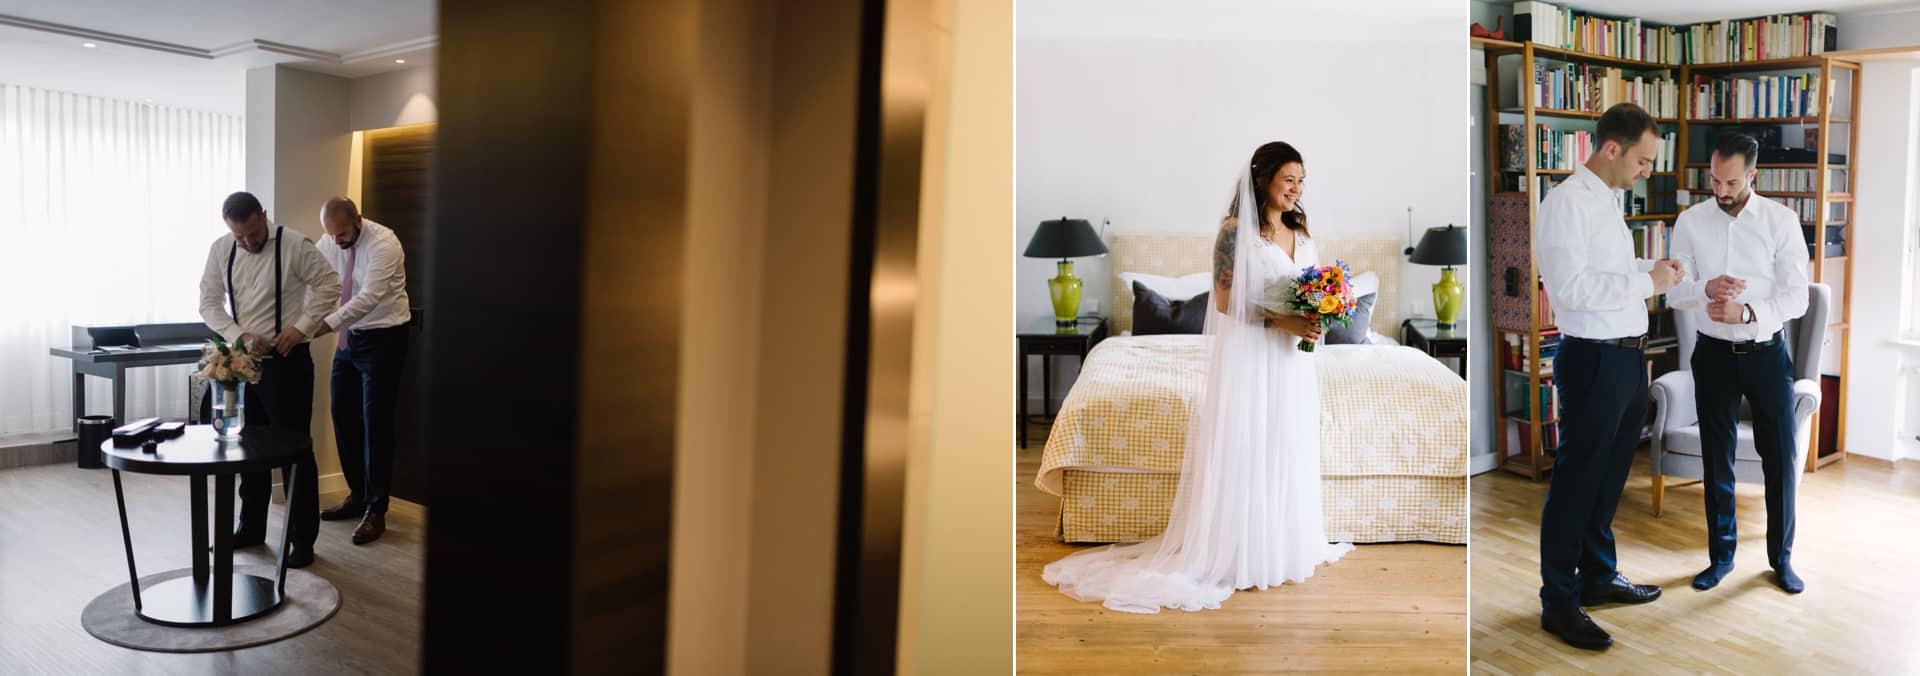 Braut und Bräutigam machen sich fertig für ihren Hochzeitstag. Hilfreich ist es immer jemand beim Getting Ready an der Seite zu haben.